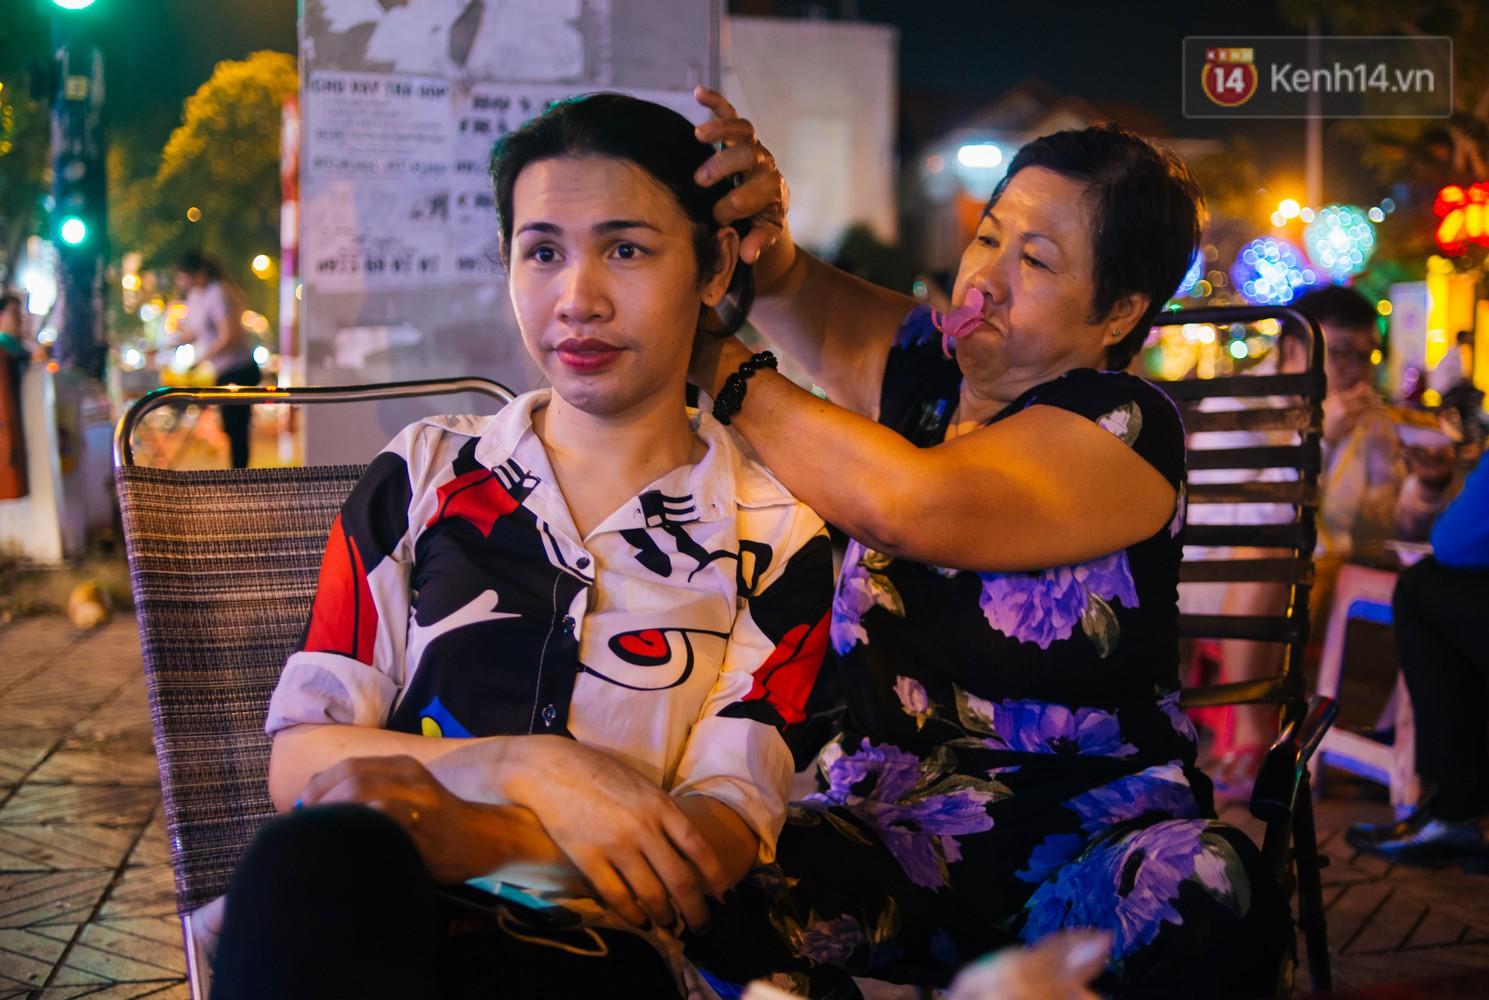 Chị Hai, chị Ba bán xôi Sài Gòn: Hai anh em trốn chạy để được làm con gái và trở về bên vòng tay bao dung của gia đình - Ảnh 15.